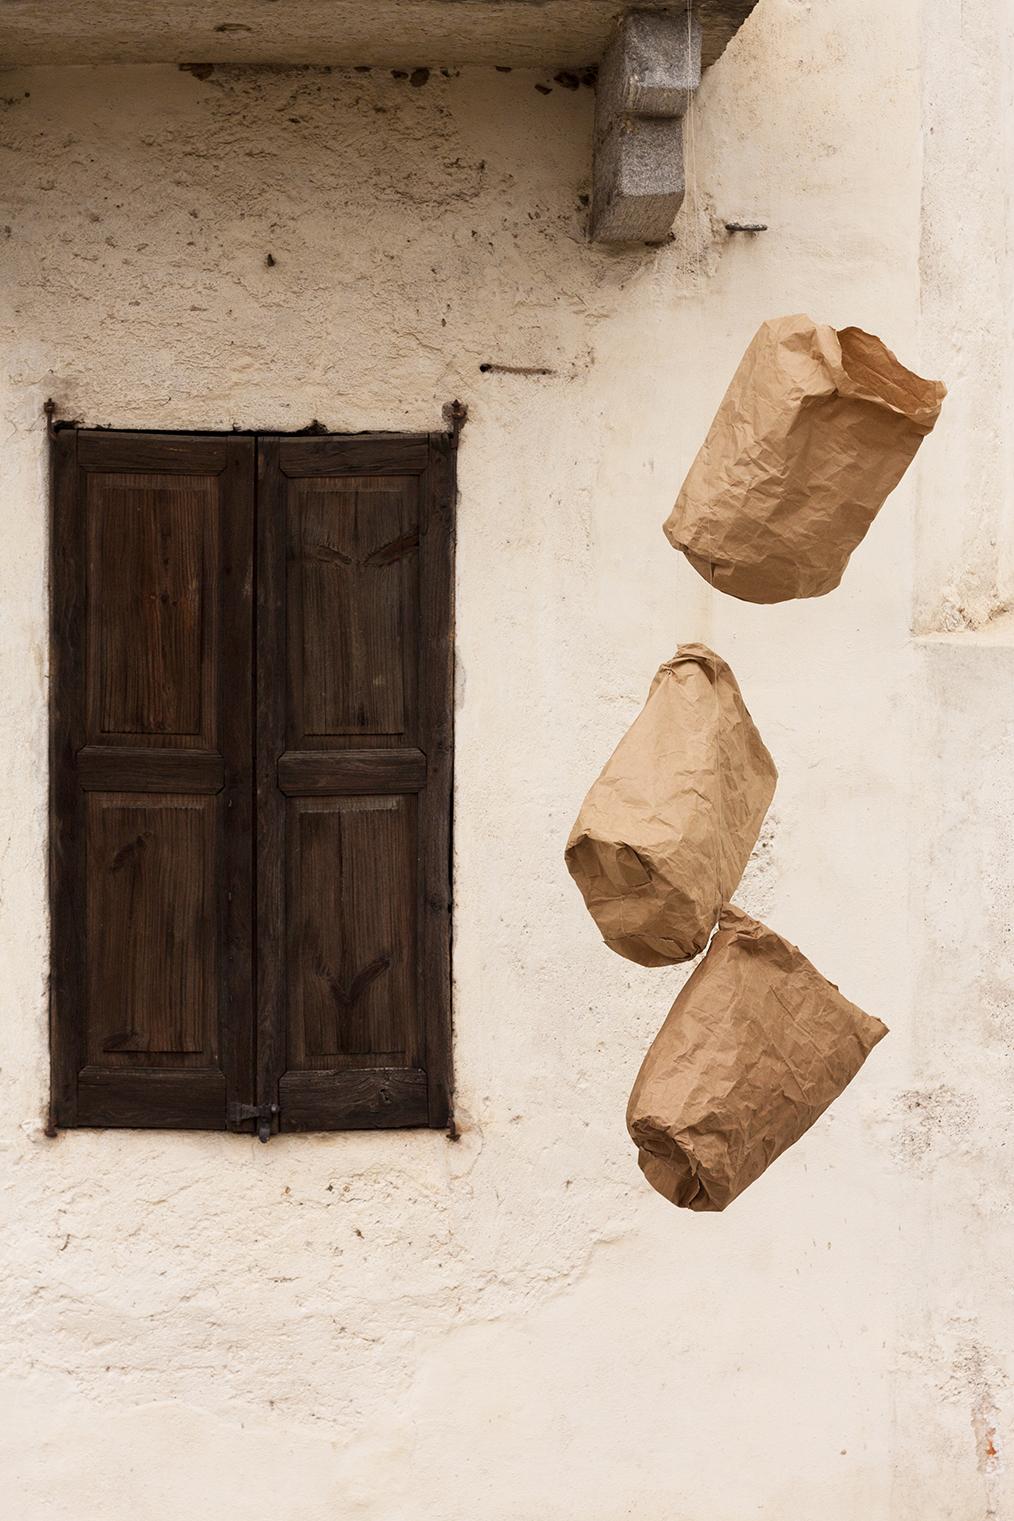 sacchetti del pane e attesa